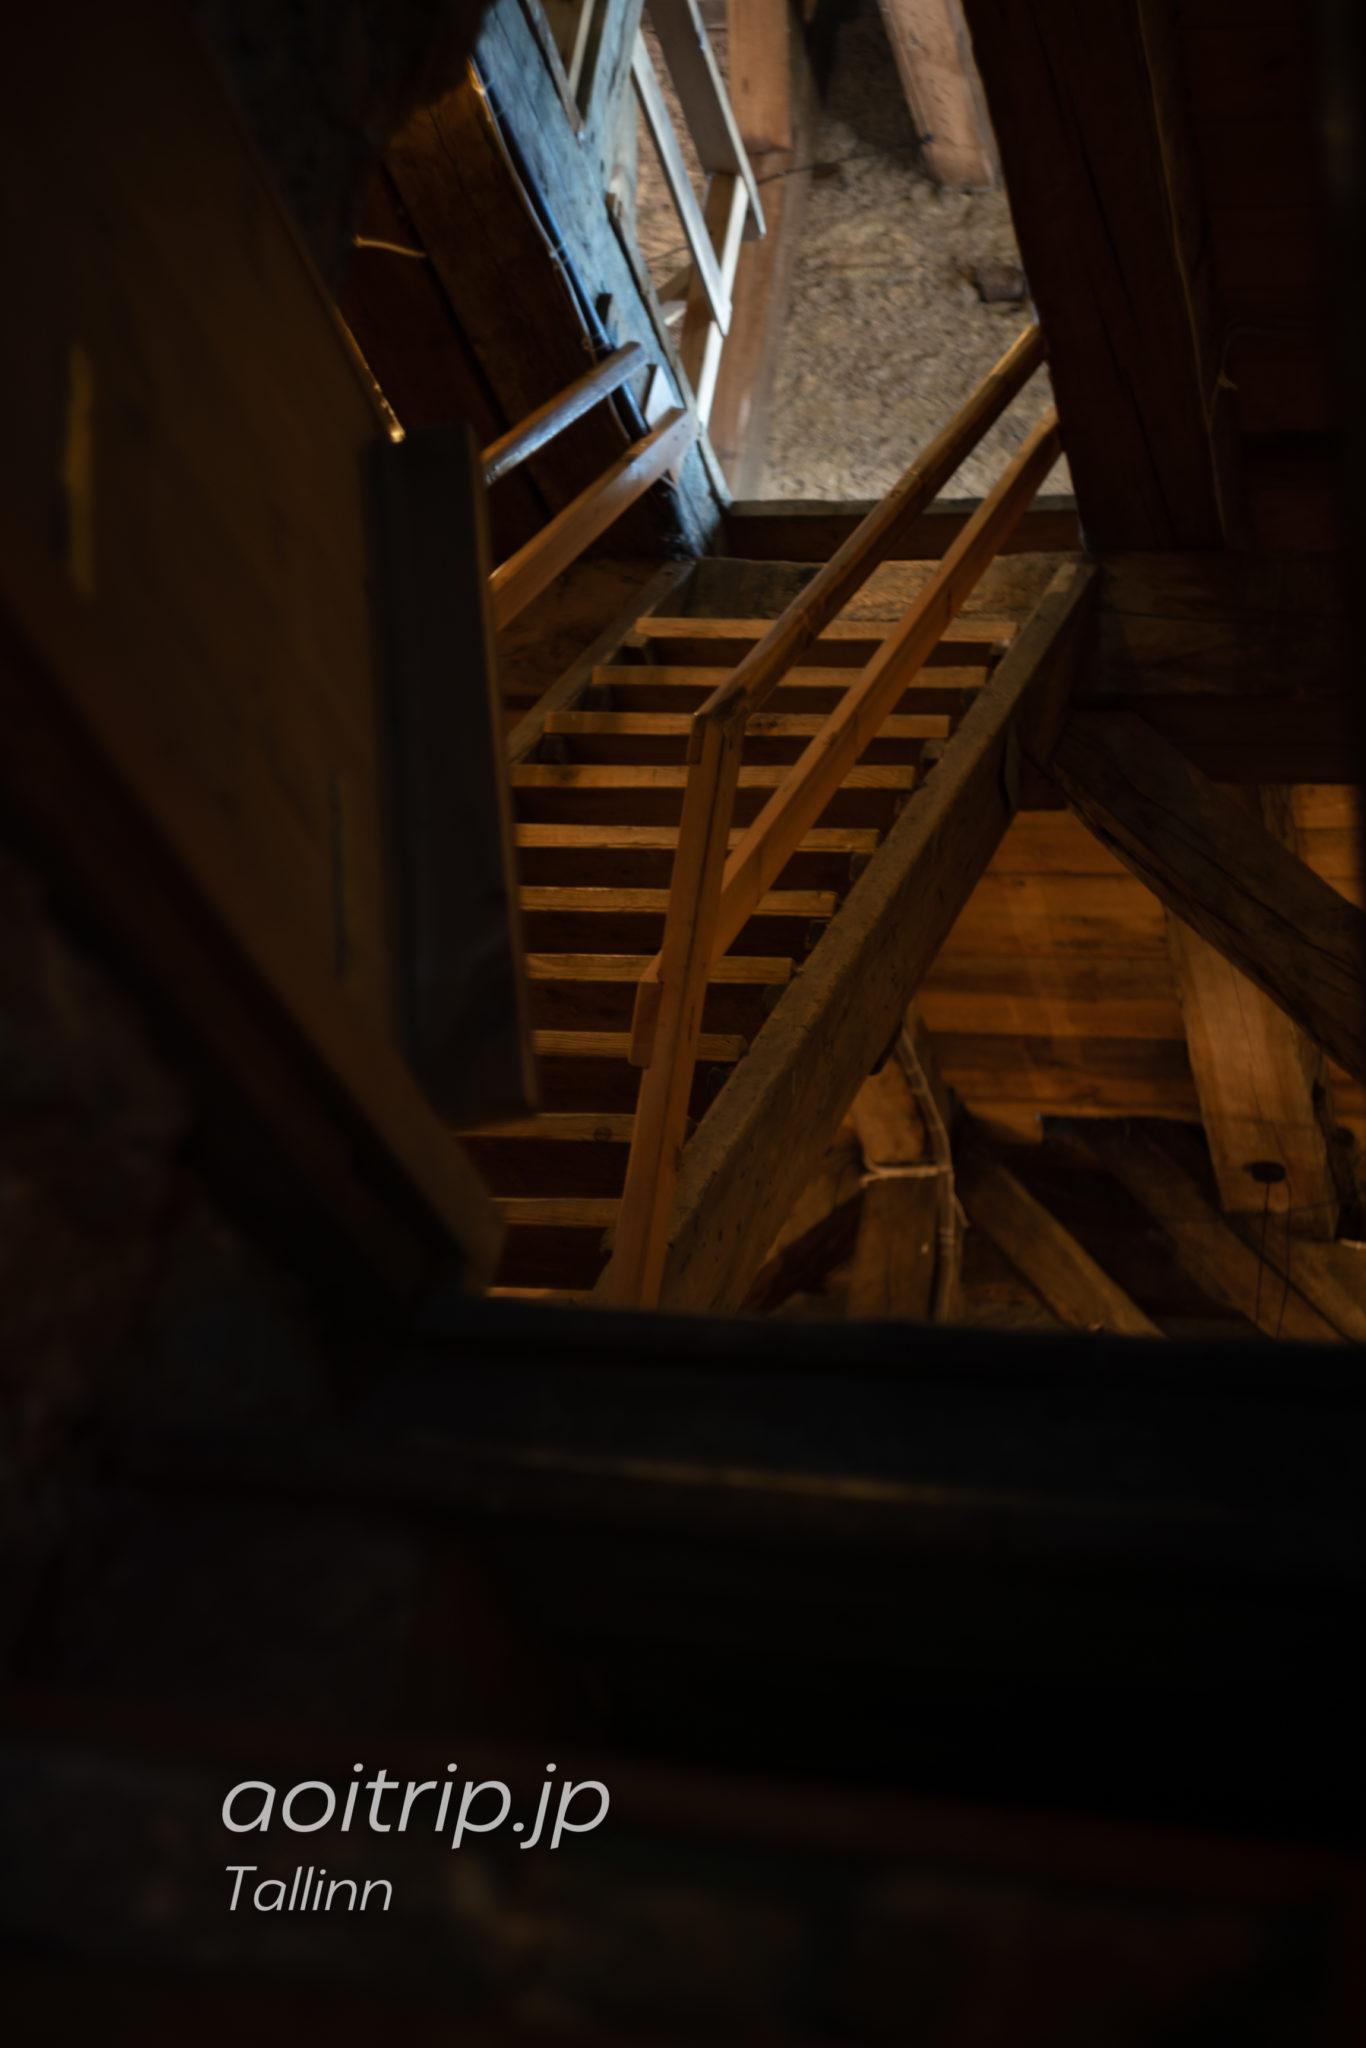 タリン聖母マリア大聖堂 バロック様式の鐘楼